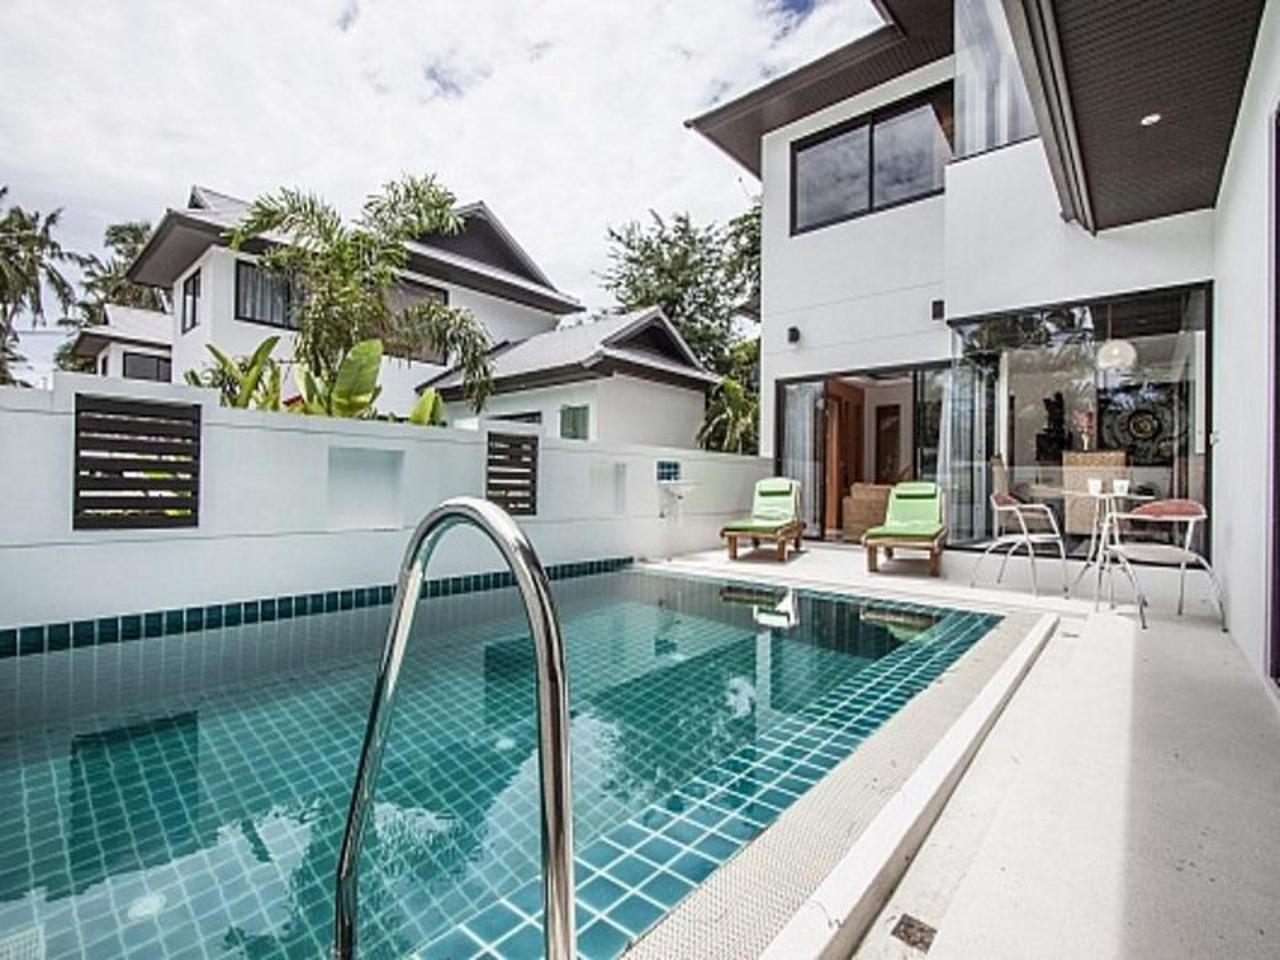 บ้านไทย วิลลา 11 - 3 เบด (Banthai Villa 11 - 3 Beds)